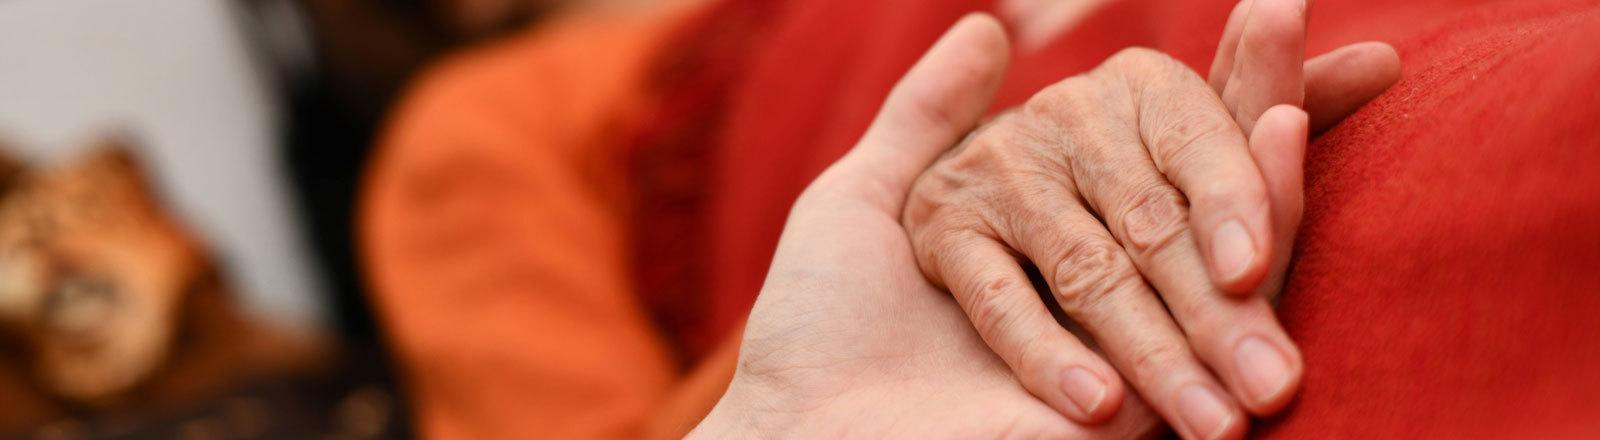 Frau hält liegender Frau die Hand.